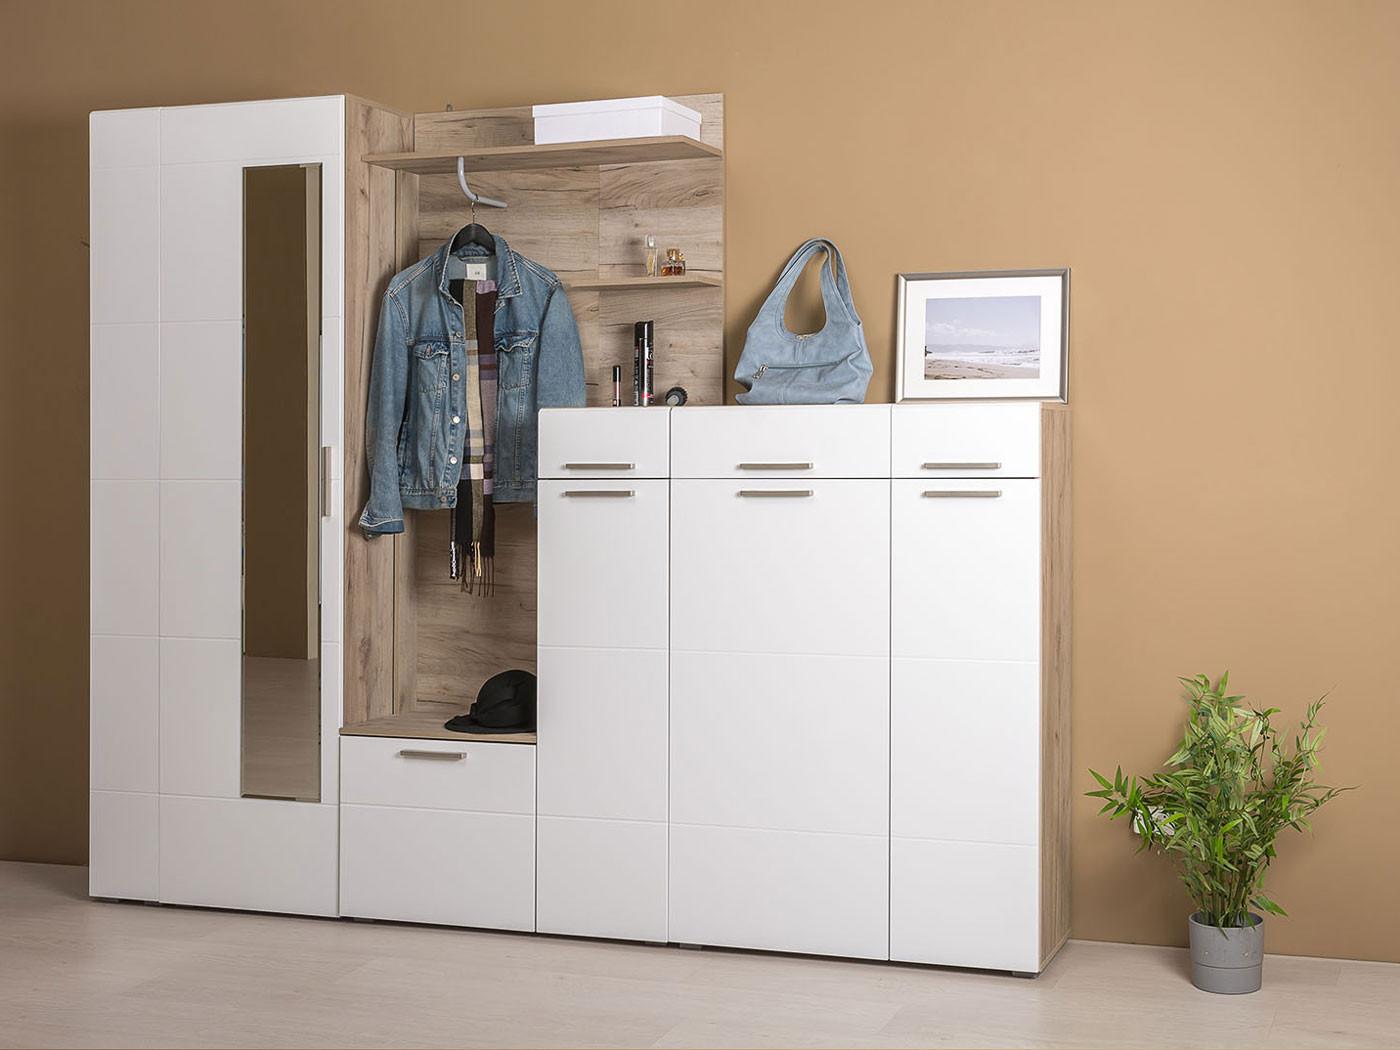 Фото - Прихожая Первый Мебельный Прихожая Лайн 3 прихожая первый мебельный прихожая лайн 1